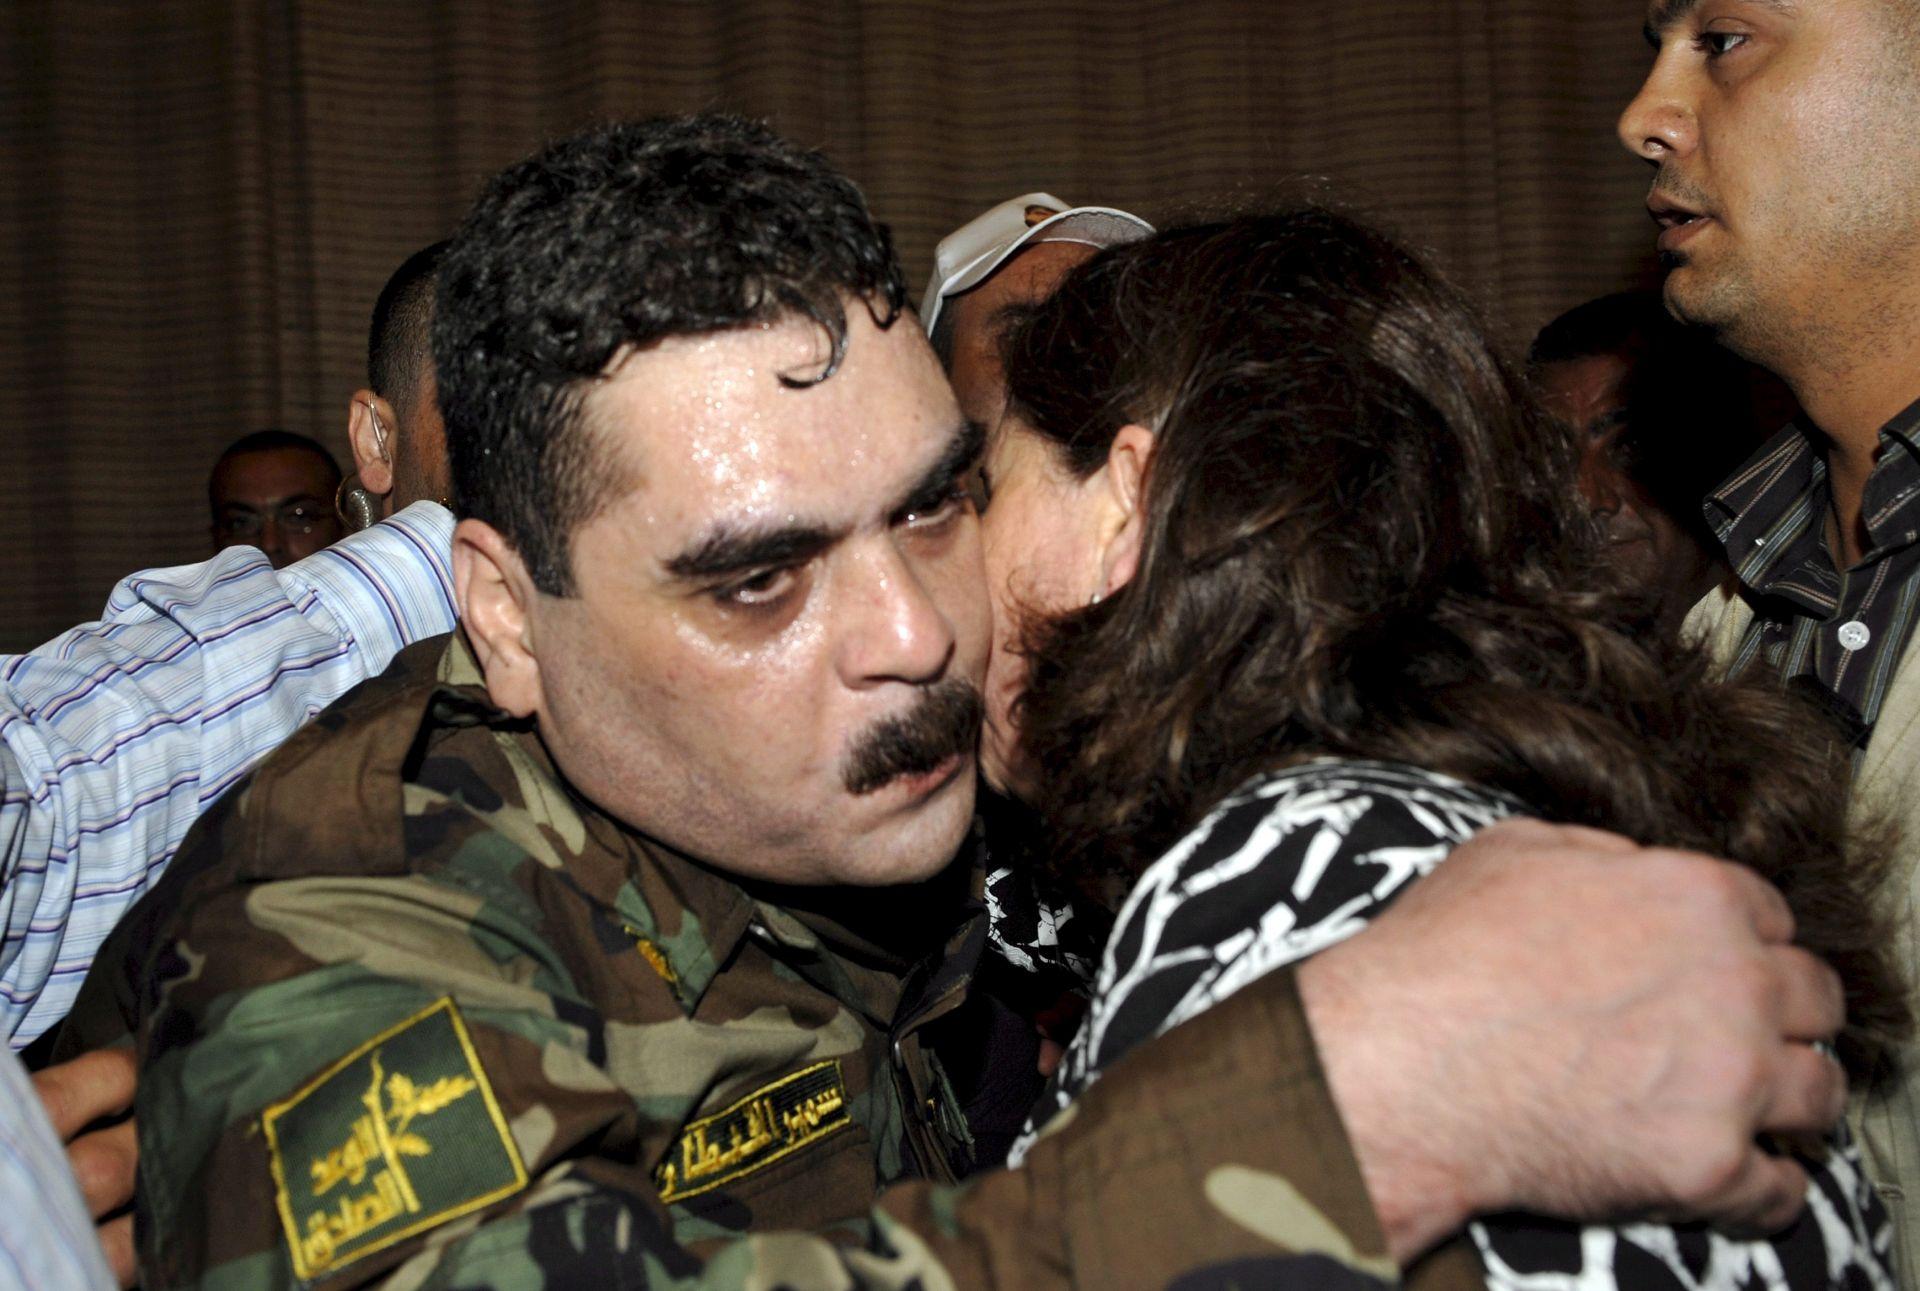 ZRAČNI NAPAD: Istaknuti član Hezbolaha ubijen blizu Damaska